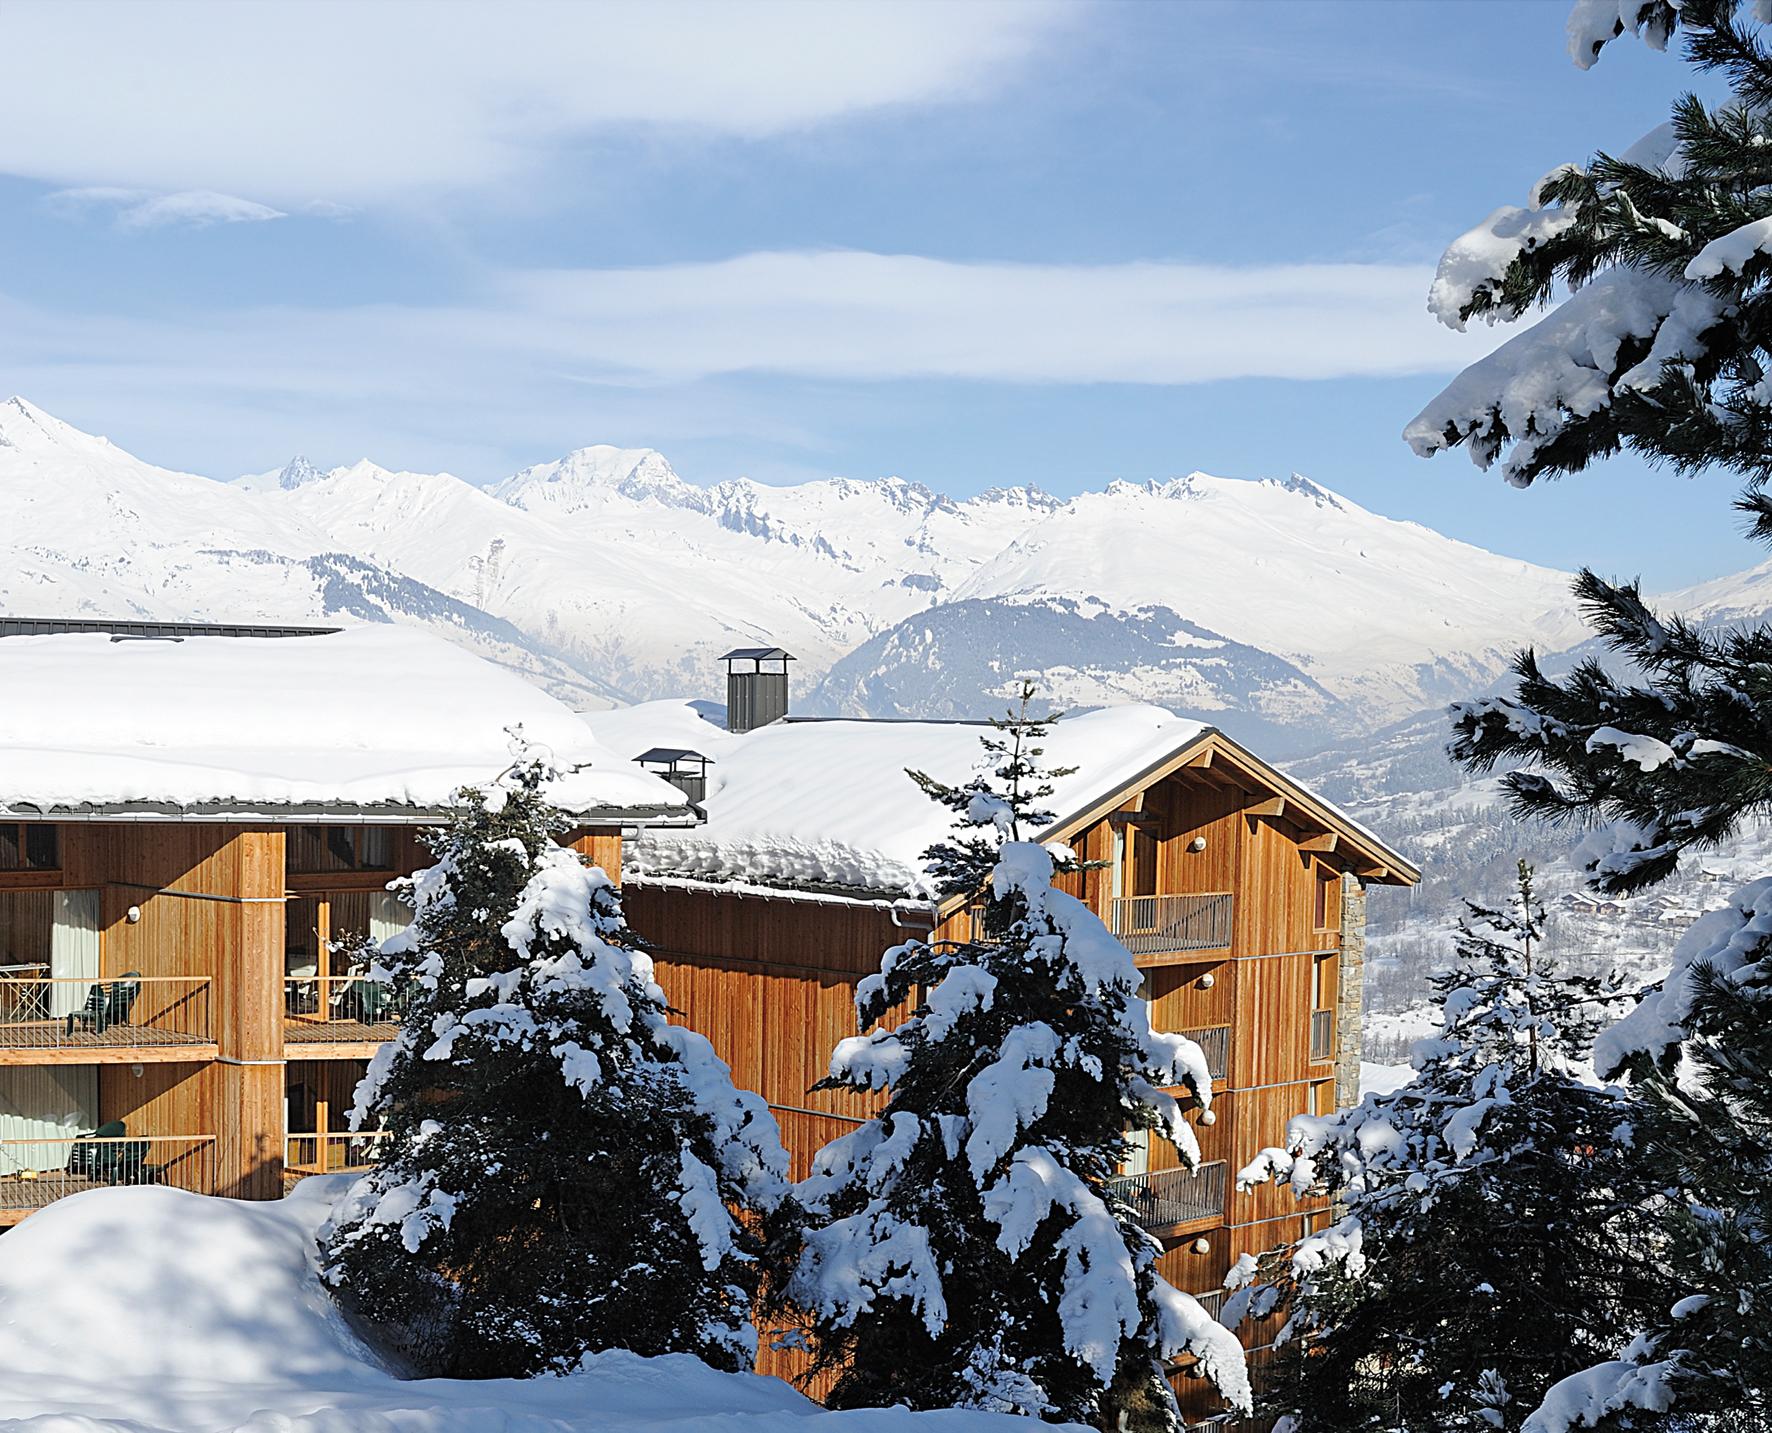 Les 3 glaciers montchavin ski apartments peak retreats - Office tourisme montchavin ...